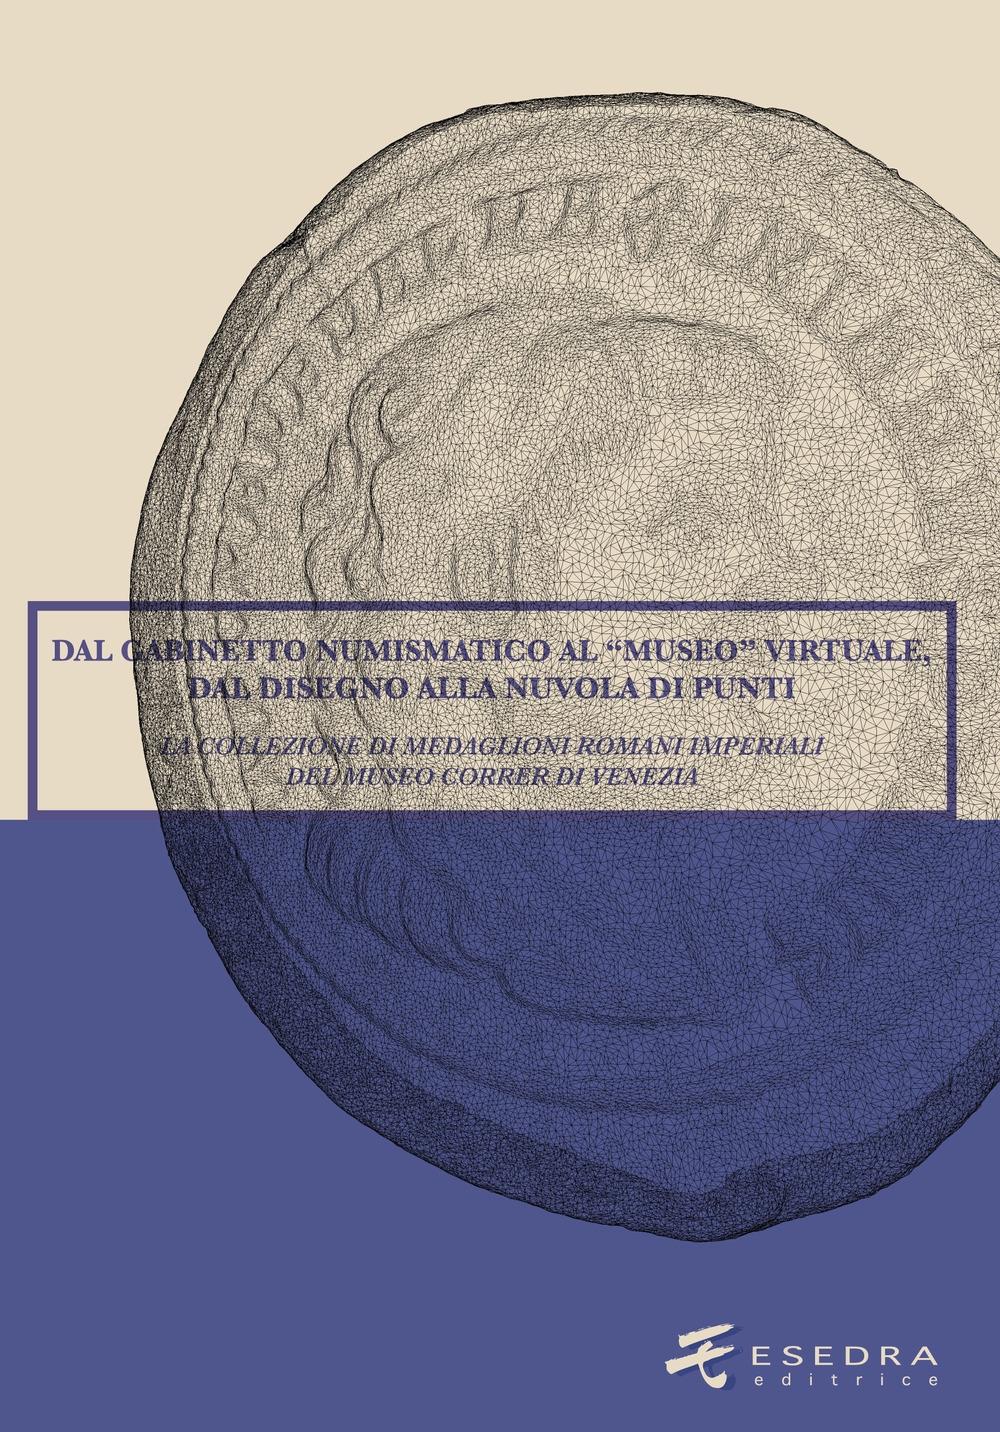 Dal Gabinetto numismatico al